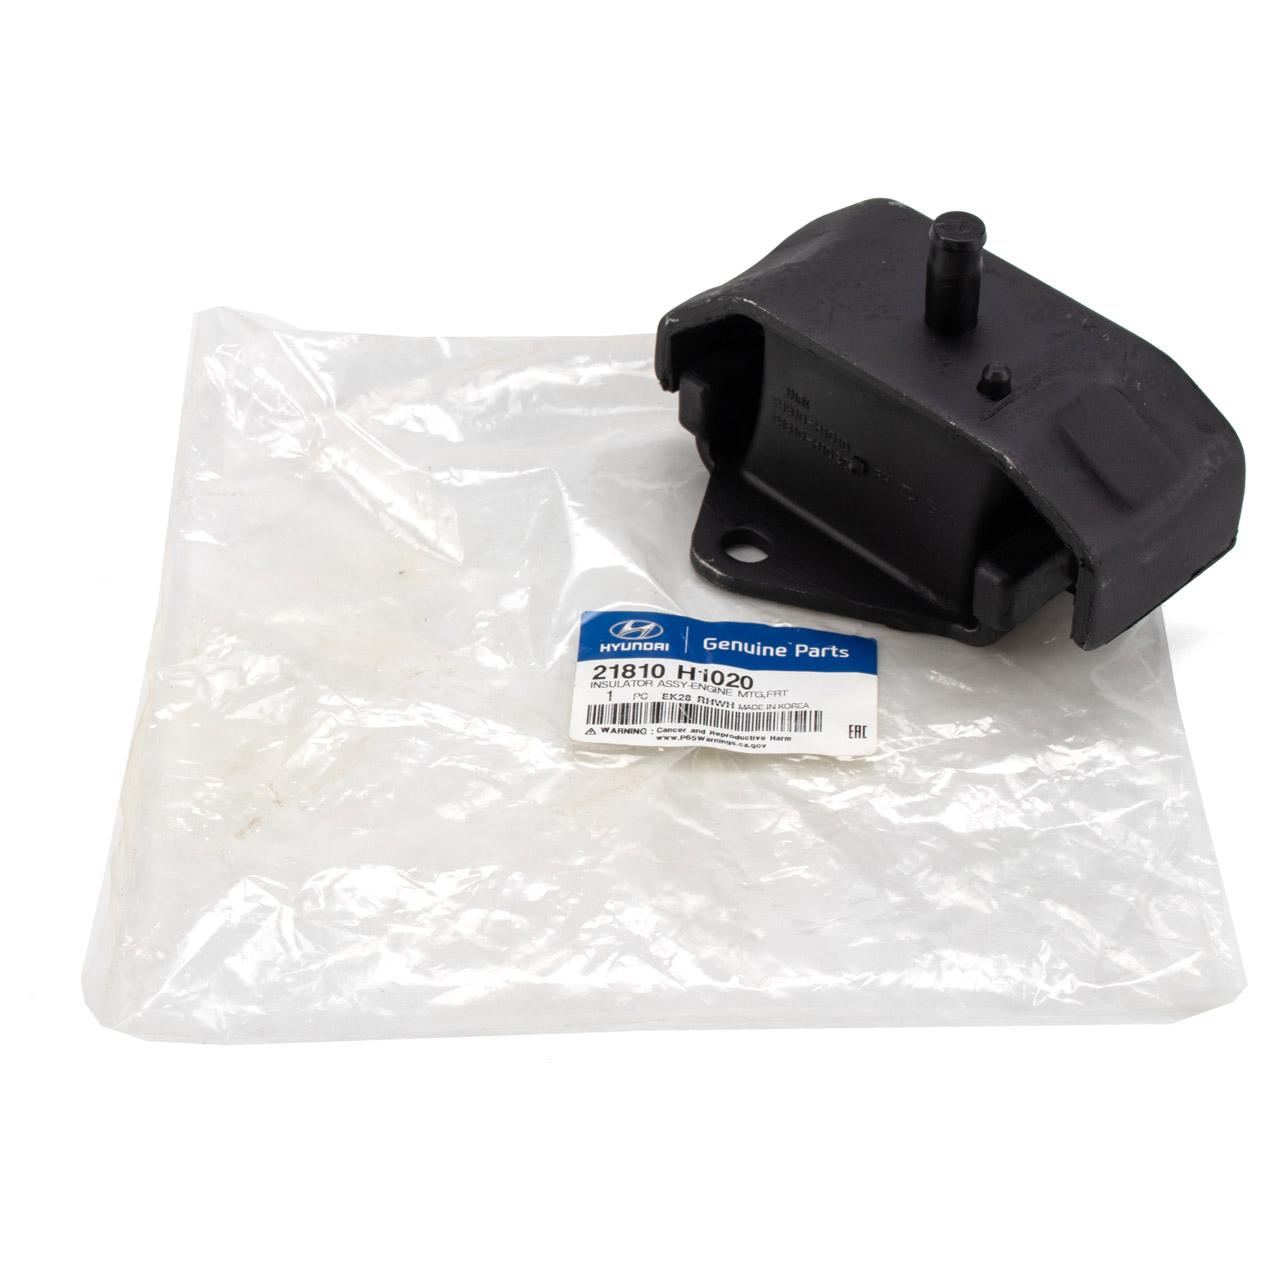 ORIGINAL Hyundai Motorlager Terracan (HP) 2.9 CRDi 150/163 PS 21810H1020